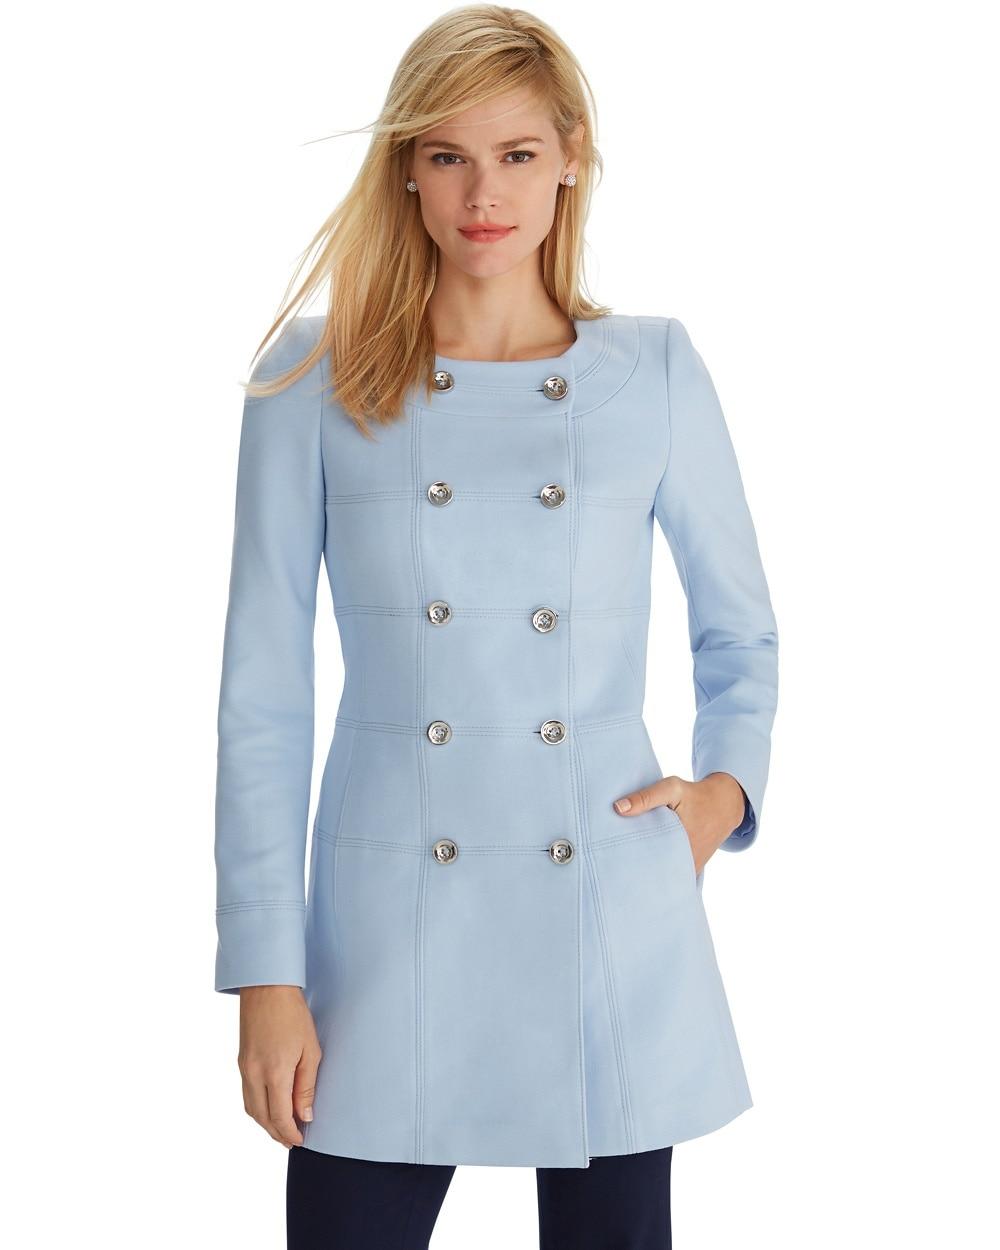 Blue Topper Coat - WHBM